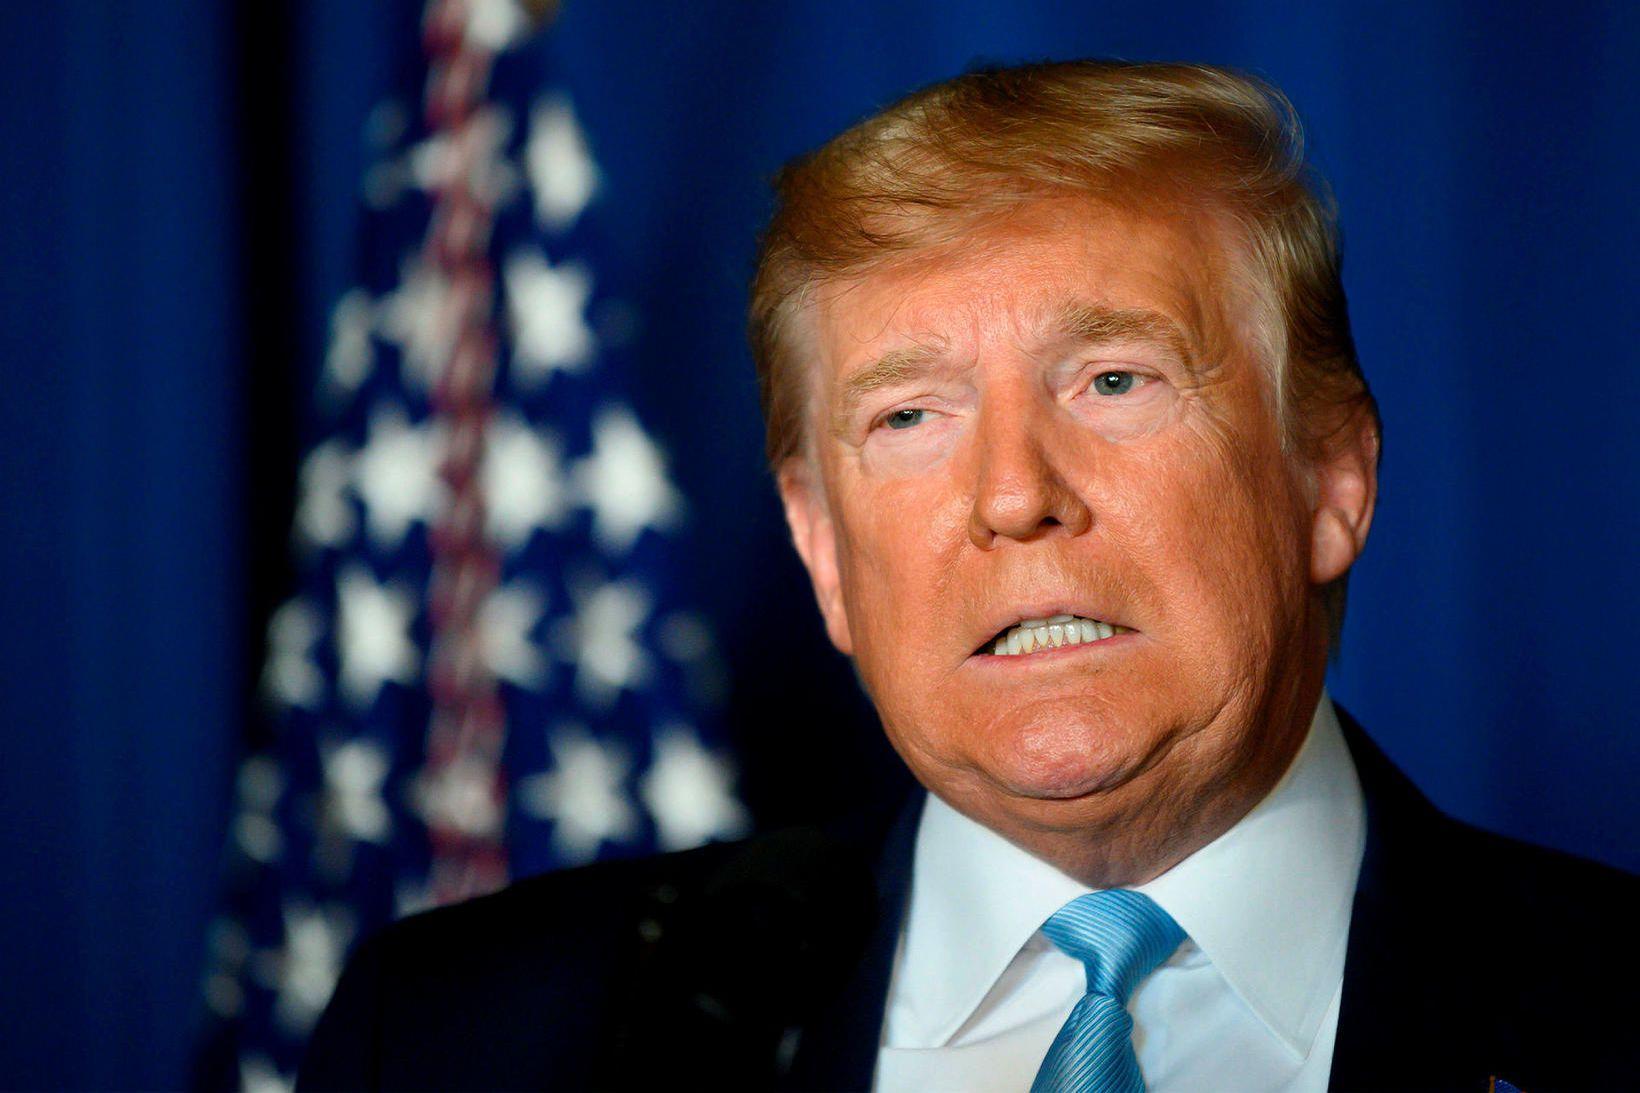 Donald Trump, forseti Bandaríkjanna, flytur ávarp um deiluna við Íran …